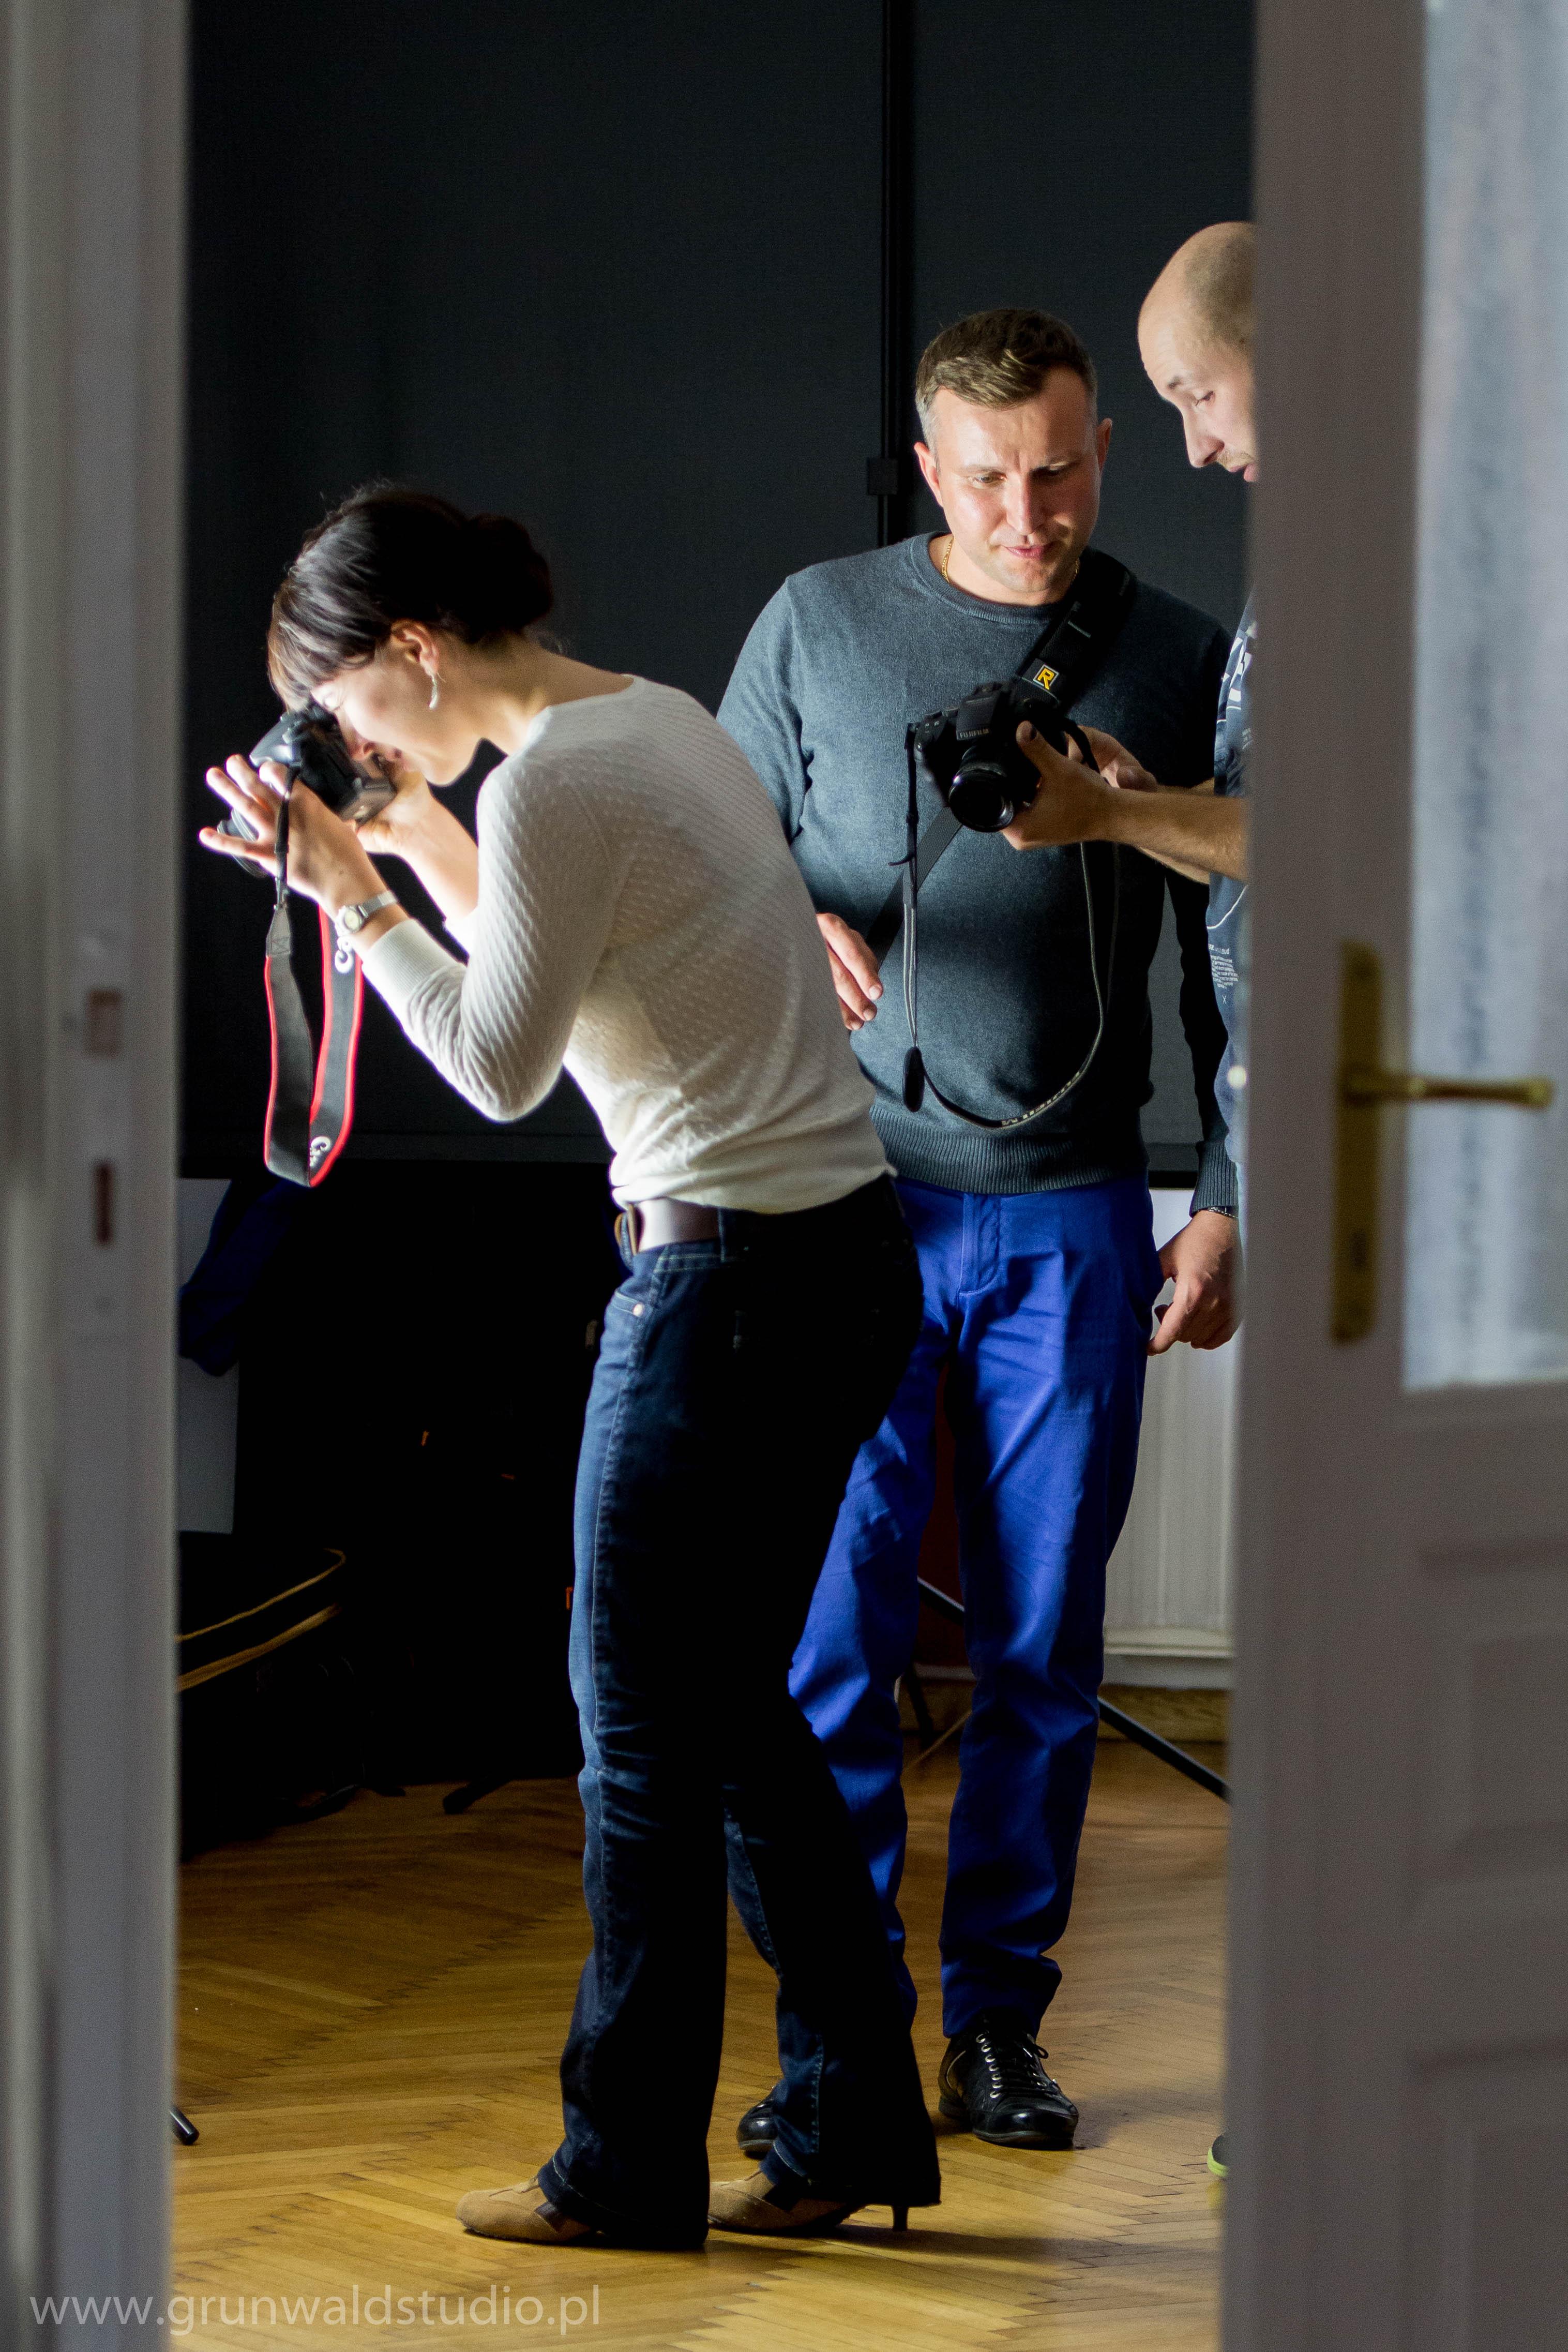 Grunwald Studio kurs fotografii Kraków pełny rozmiar 2